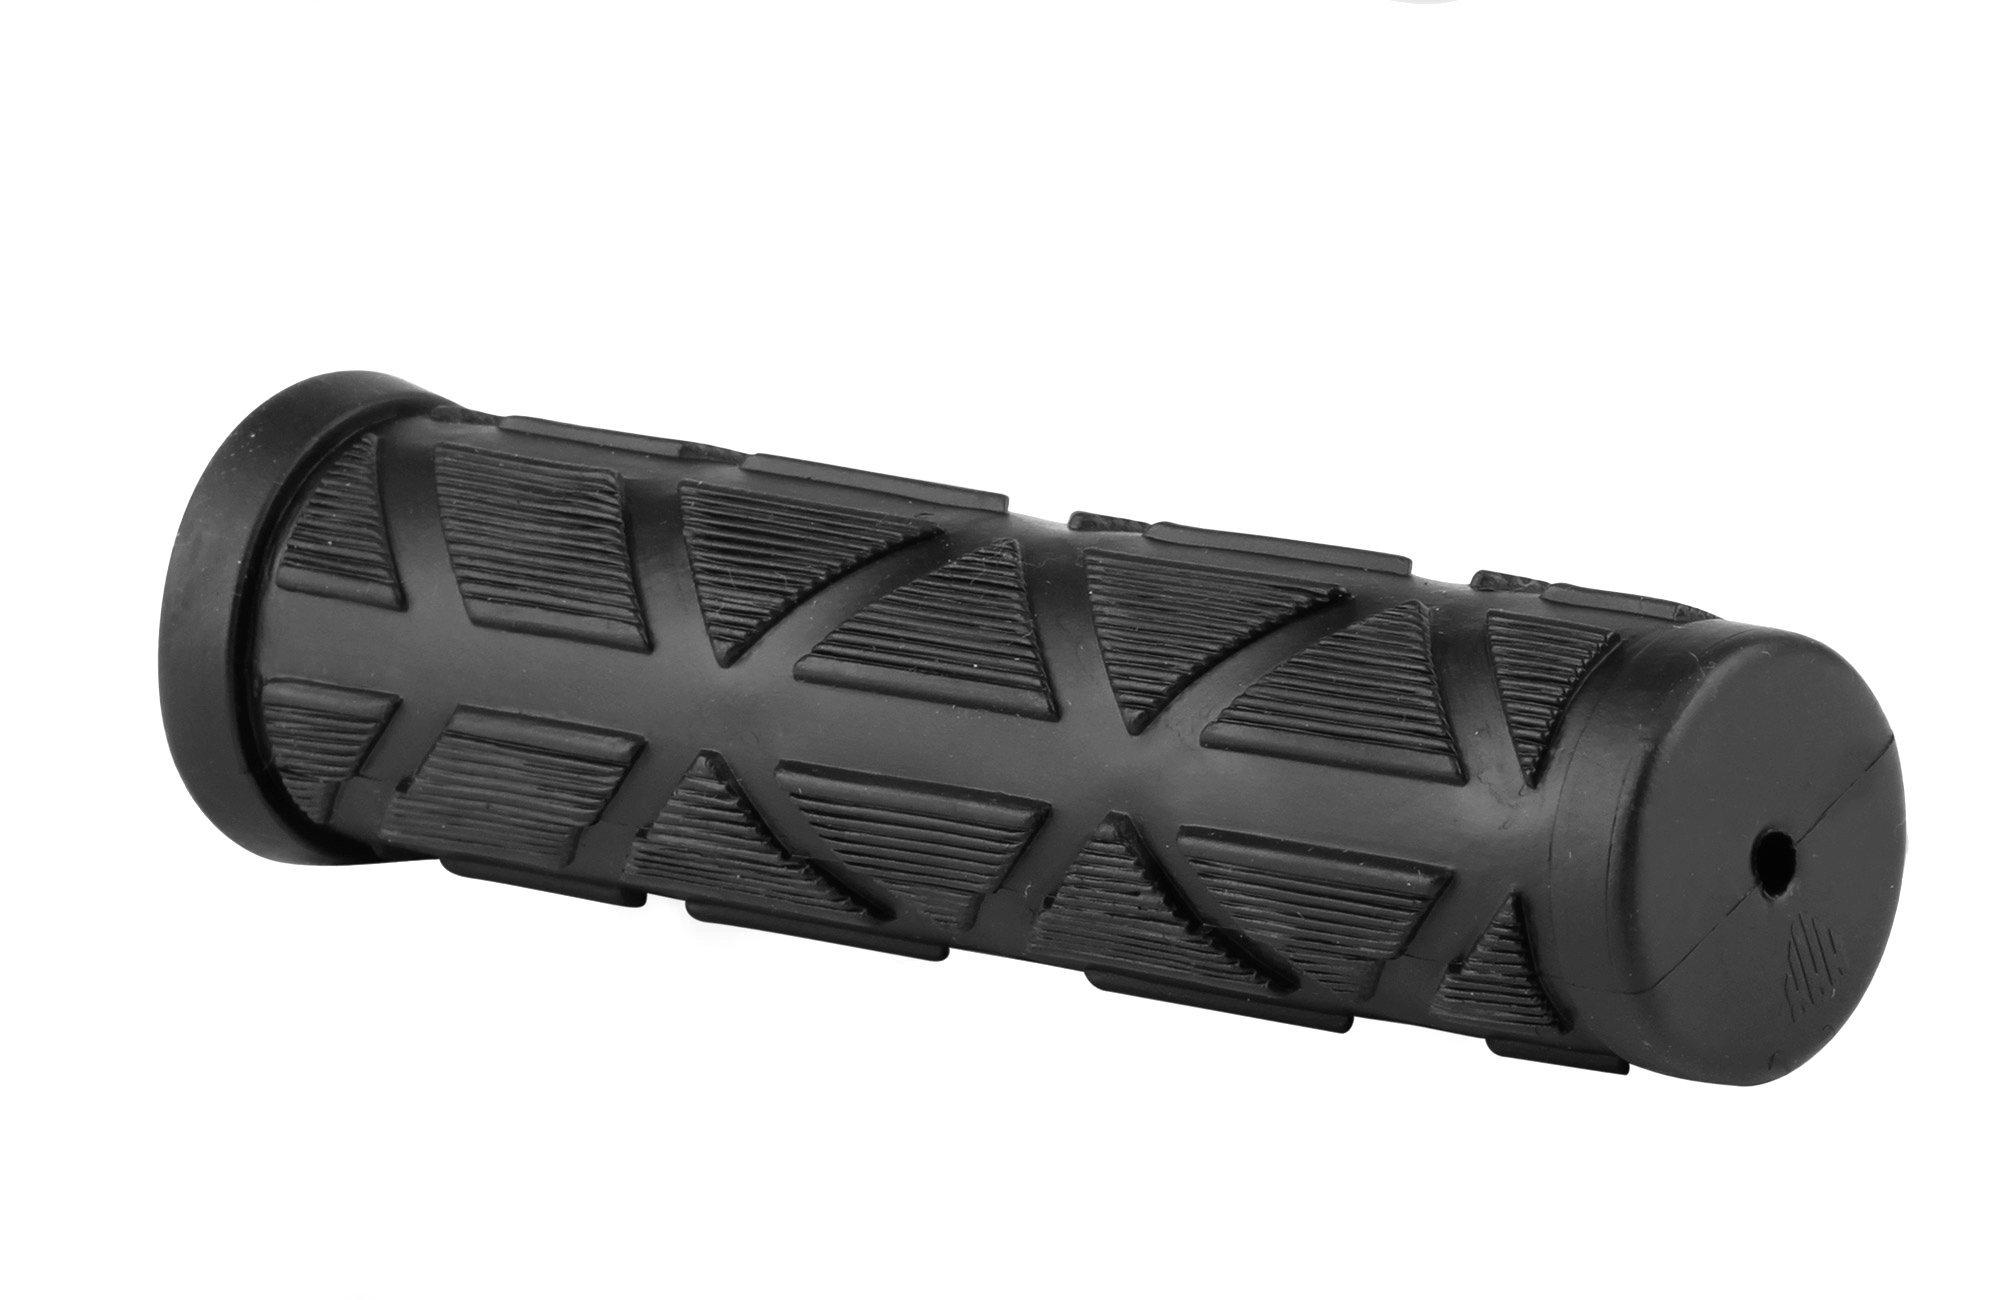 Купить Грипсы XH-G09B 110 мм в интернет магазине велосипедов. Выбрать велосипед. Цены, фото, отзывы